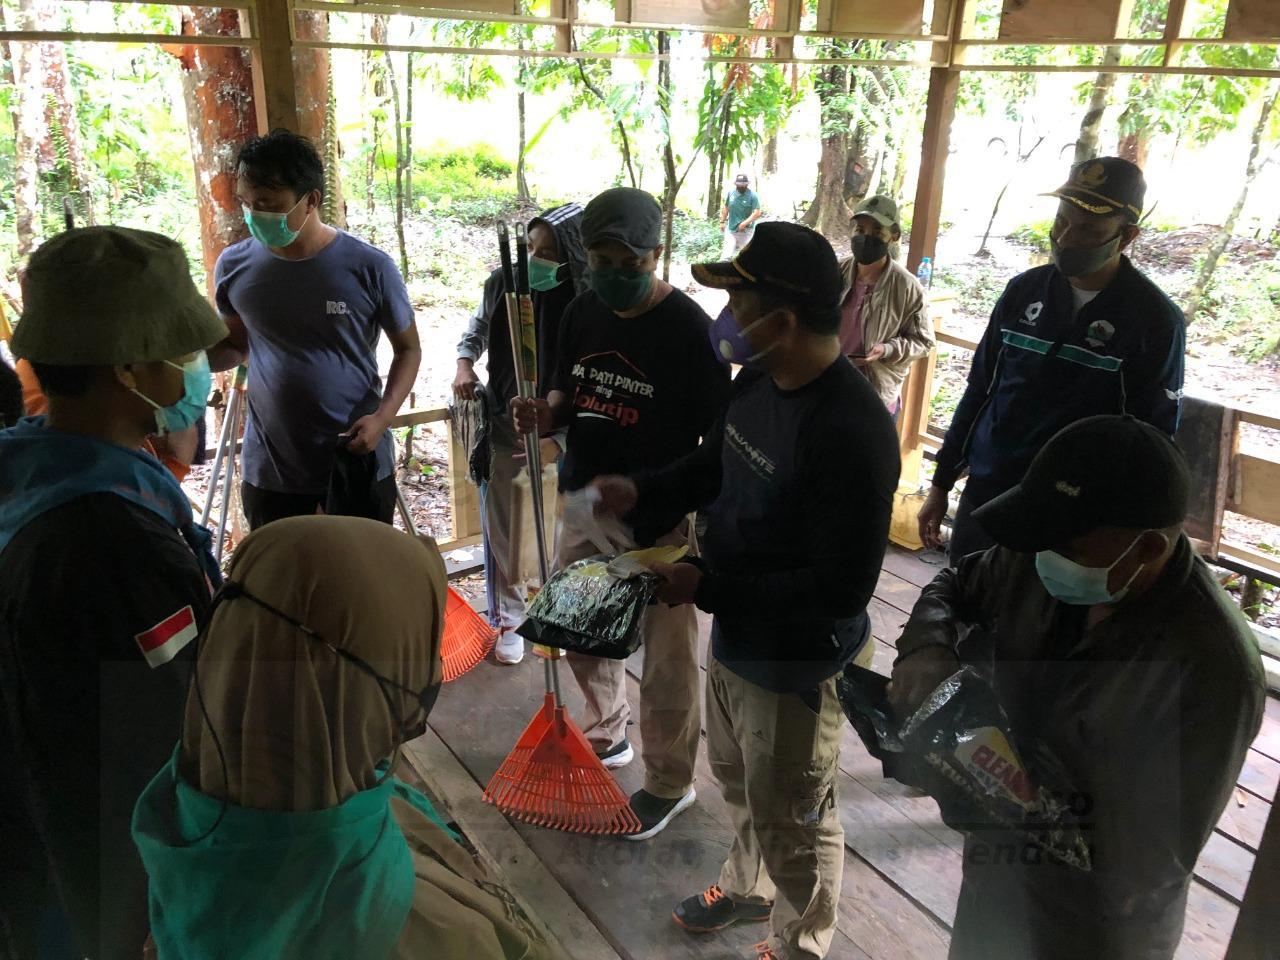 BBKSDA PB Bersama Mitra Bersihkan Taman Wisata Alam Sorong, 90 Karung Sampah Dikumpulkan 4 IMG 20210918 WA0059 1